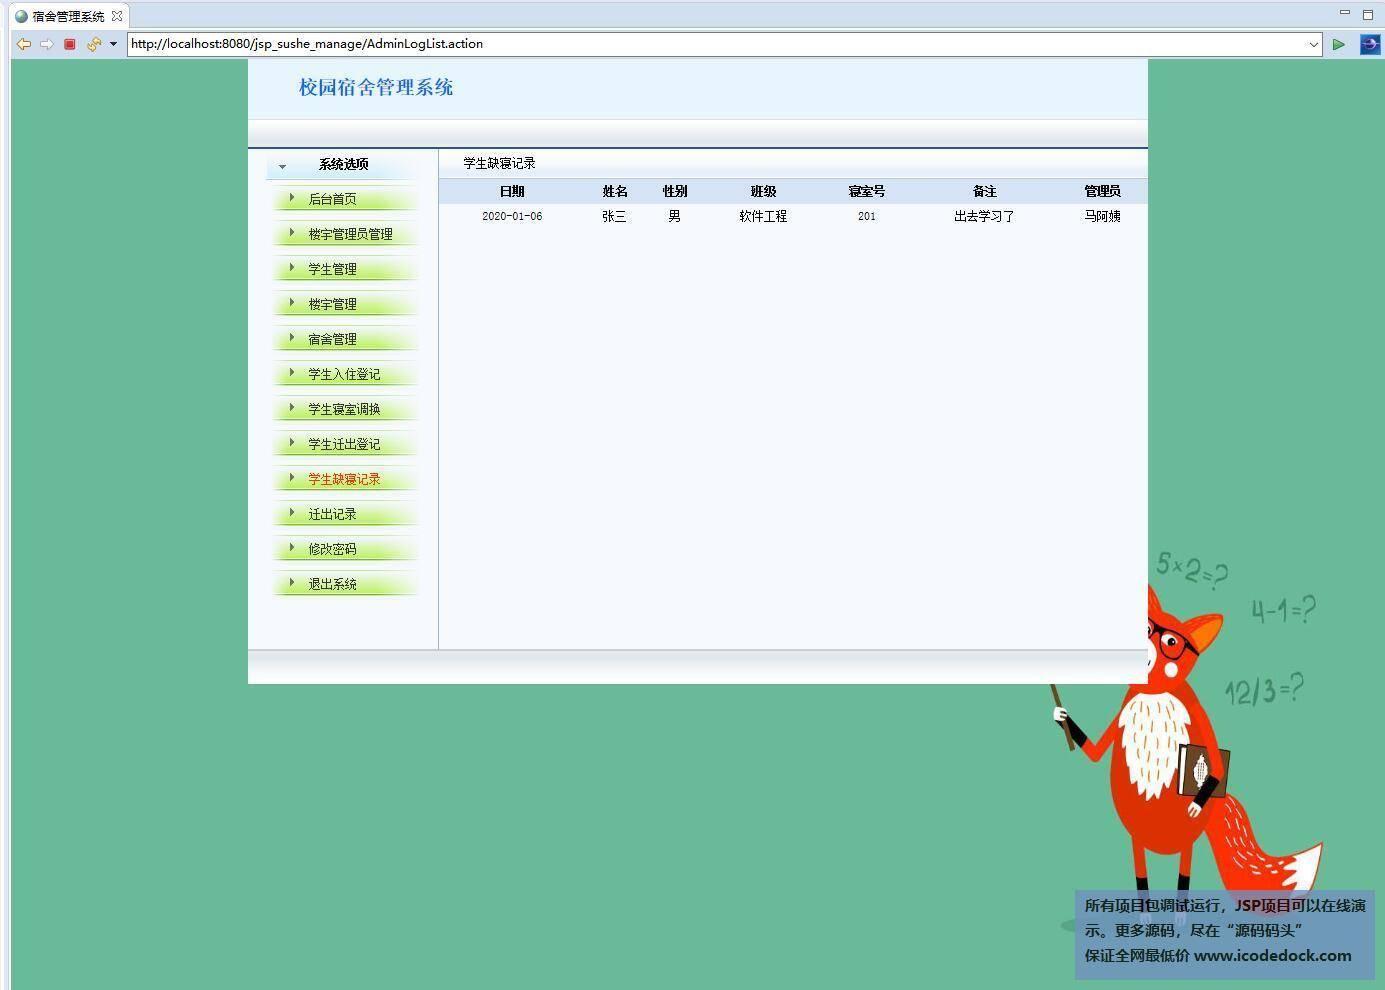 源码码头-JSP学校宿舍管理系统-系统管理员角色-缺寝记录